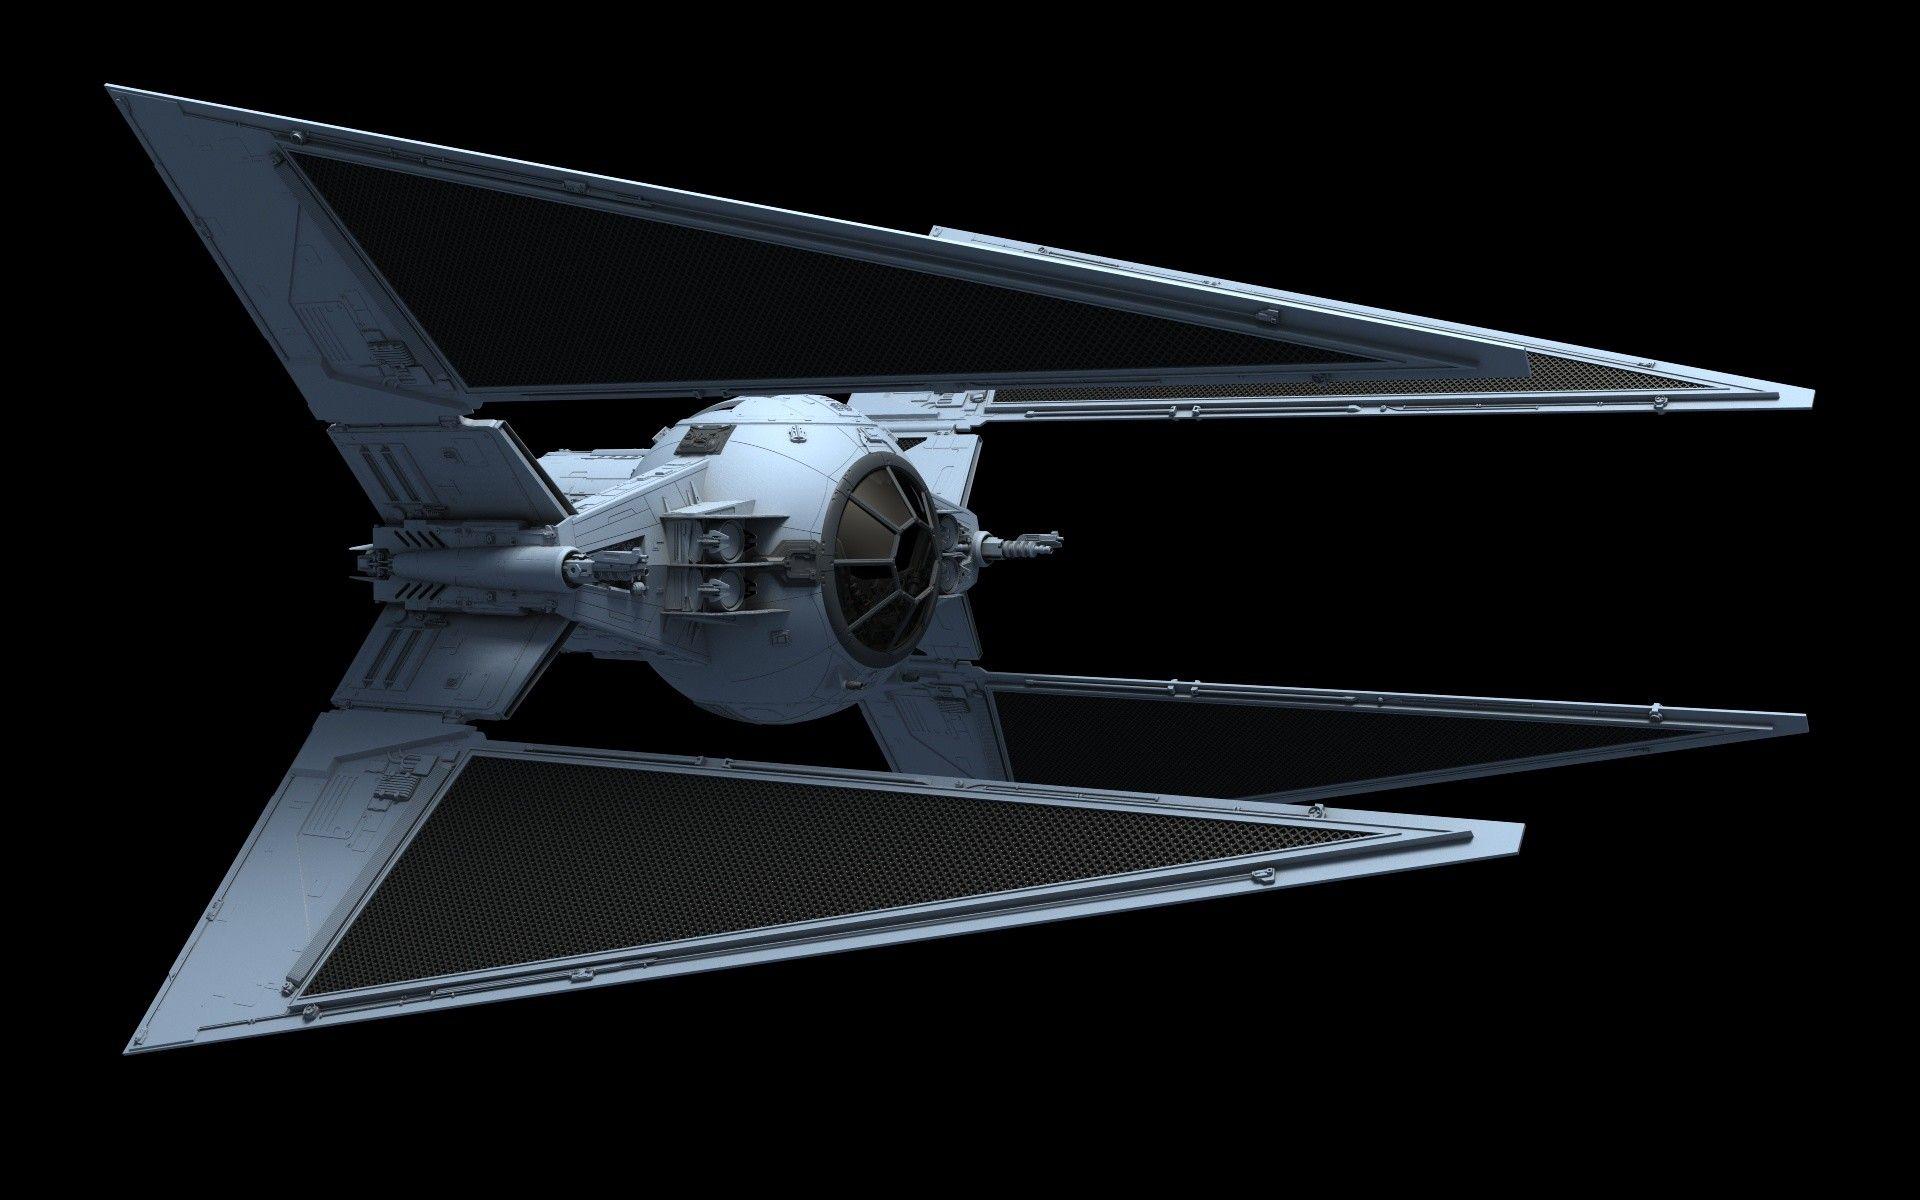 Artstation Tie Hunter Ansel Hsiao Star Wars Ships Star Wars Vehicles Star Wars Spaceships